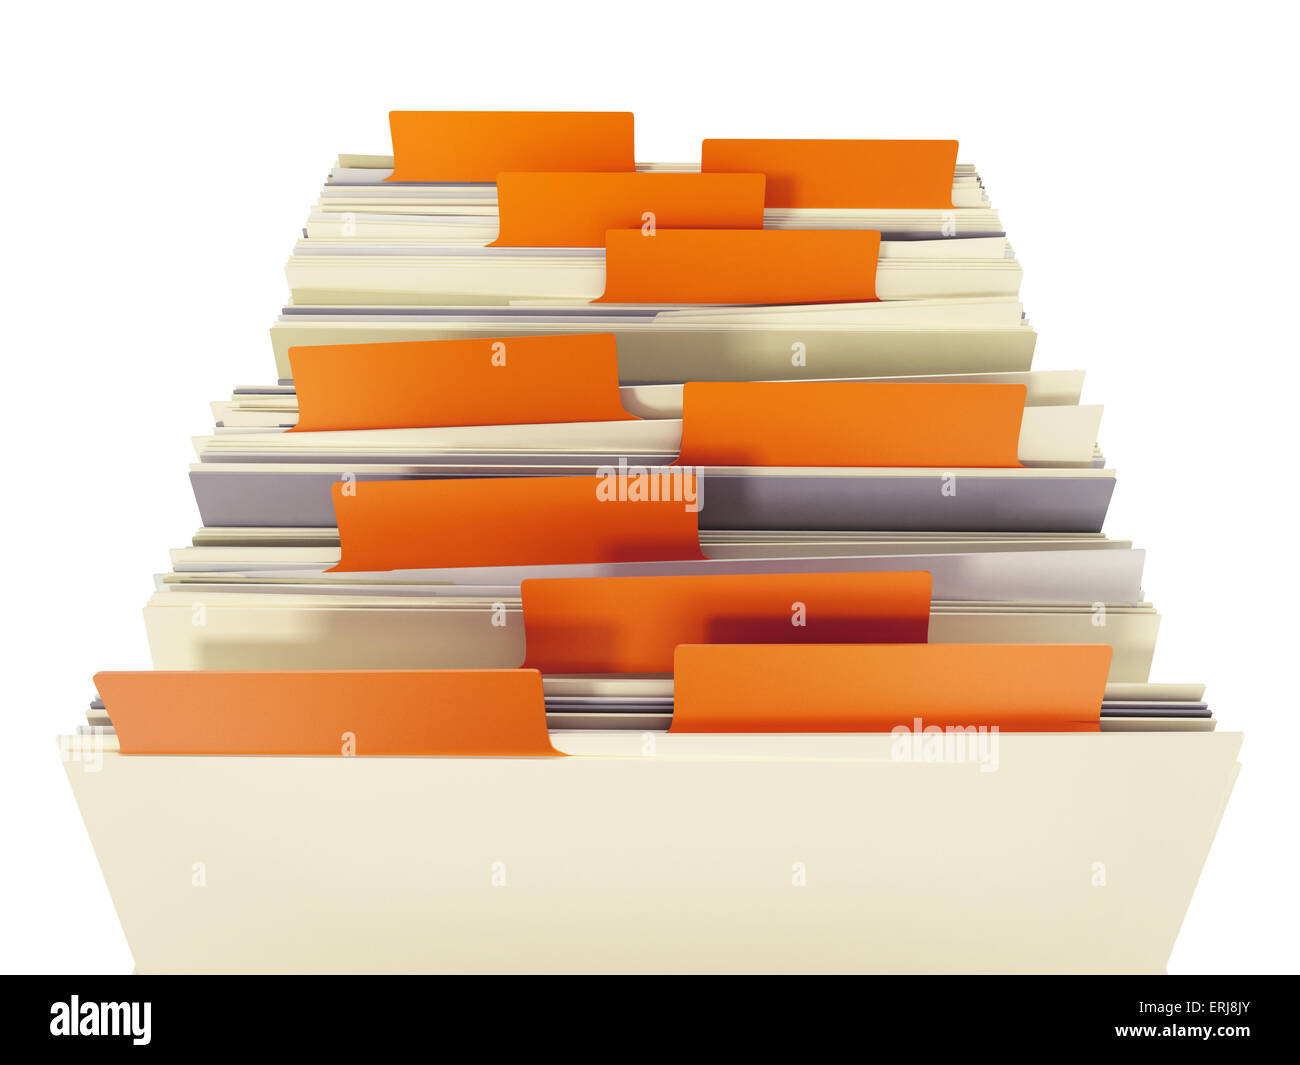 Scheda File di catalogo cassetto isolato su sfondo bianco. Immagini Stock